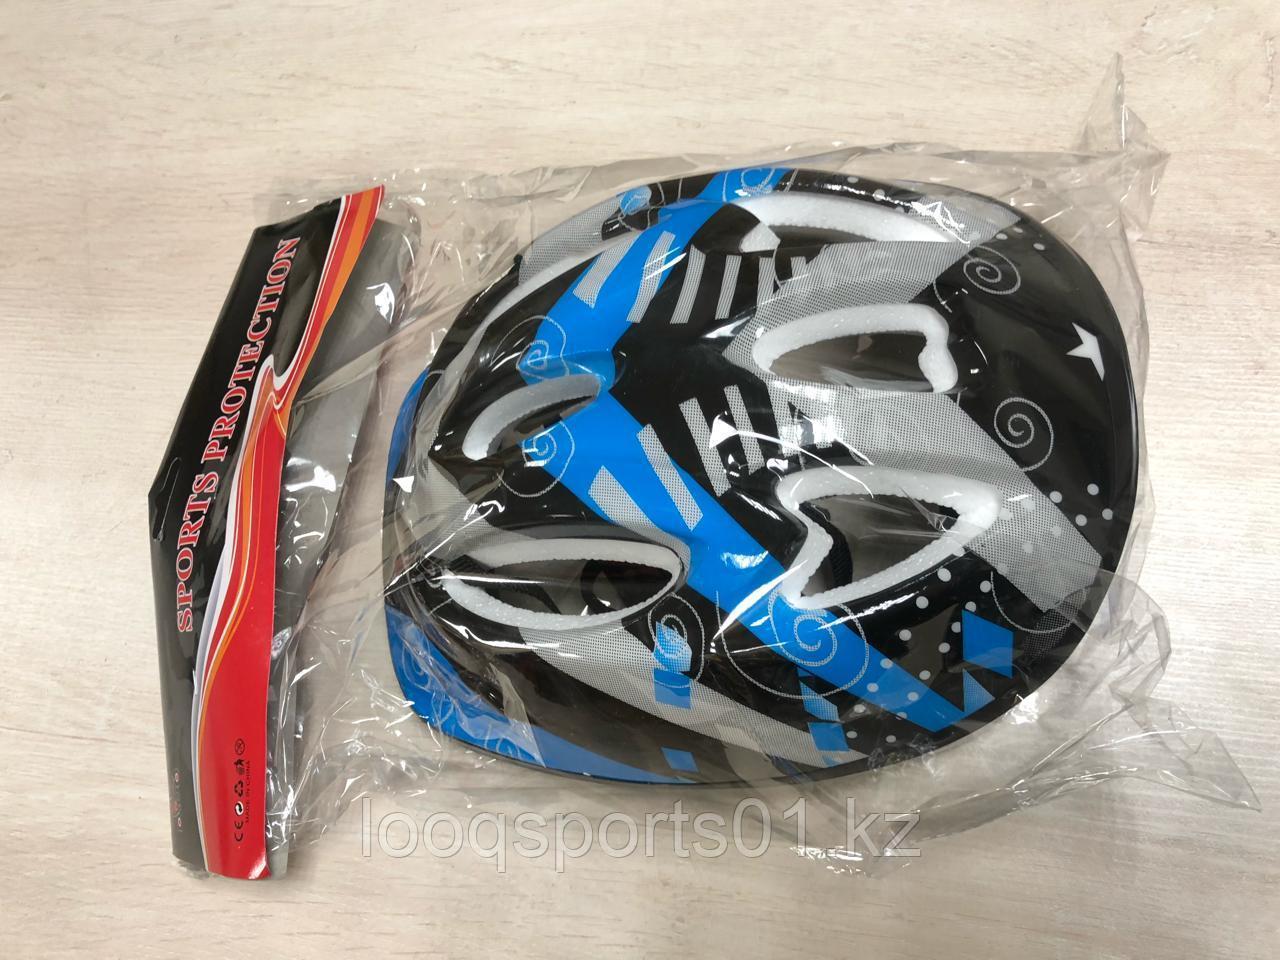 Шлем (Каска) для велосипеда и роликов детский